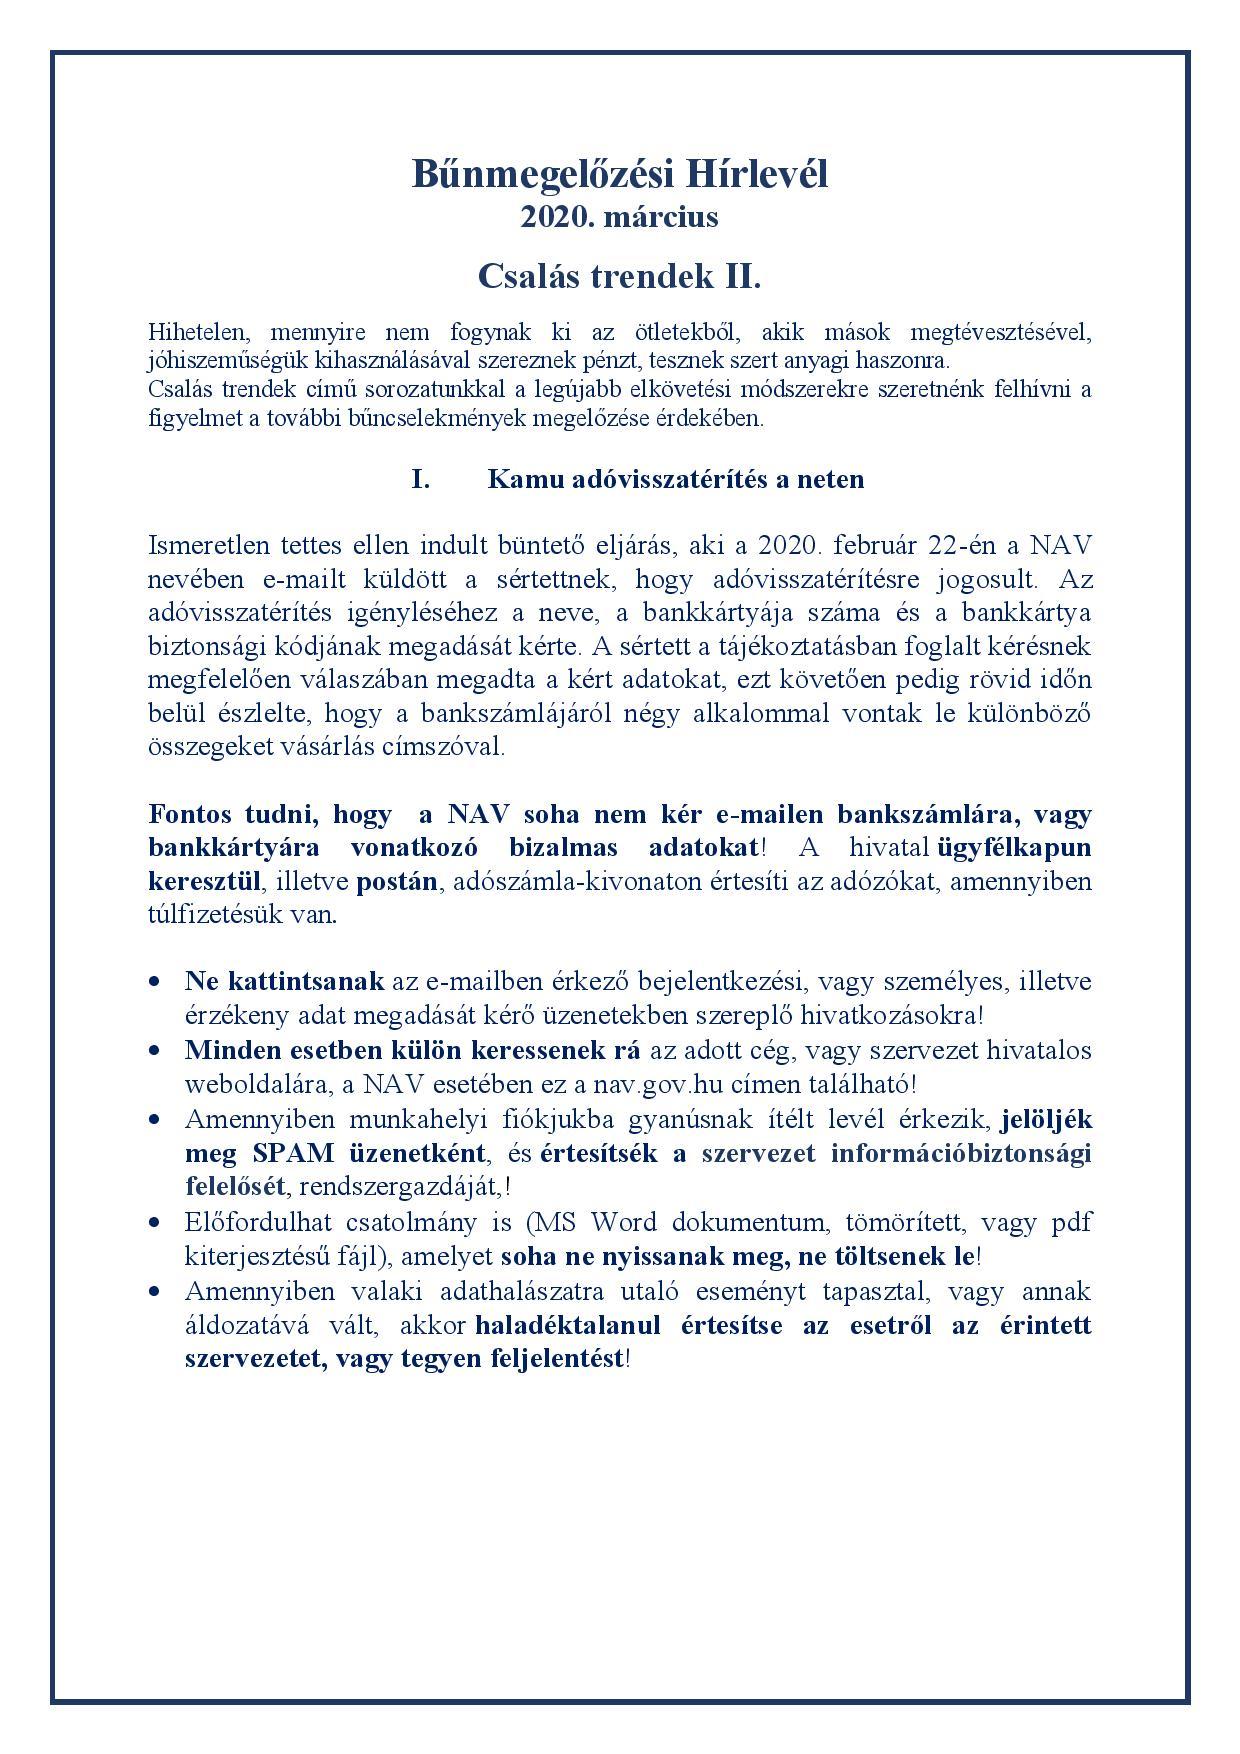 A Heves Megyei Rendőr-főkapitányság  Bűnmegelőzési Alosztályának márciusi hírlevele